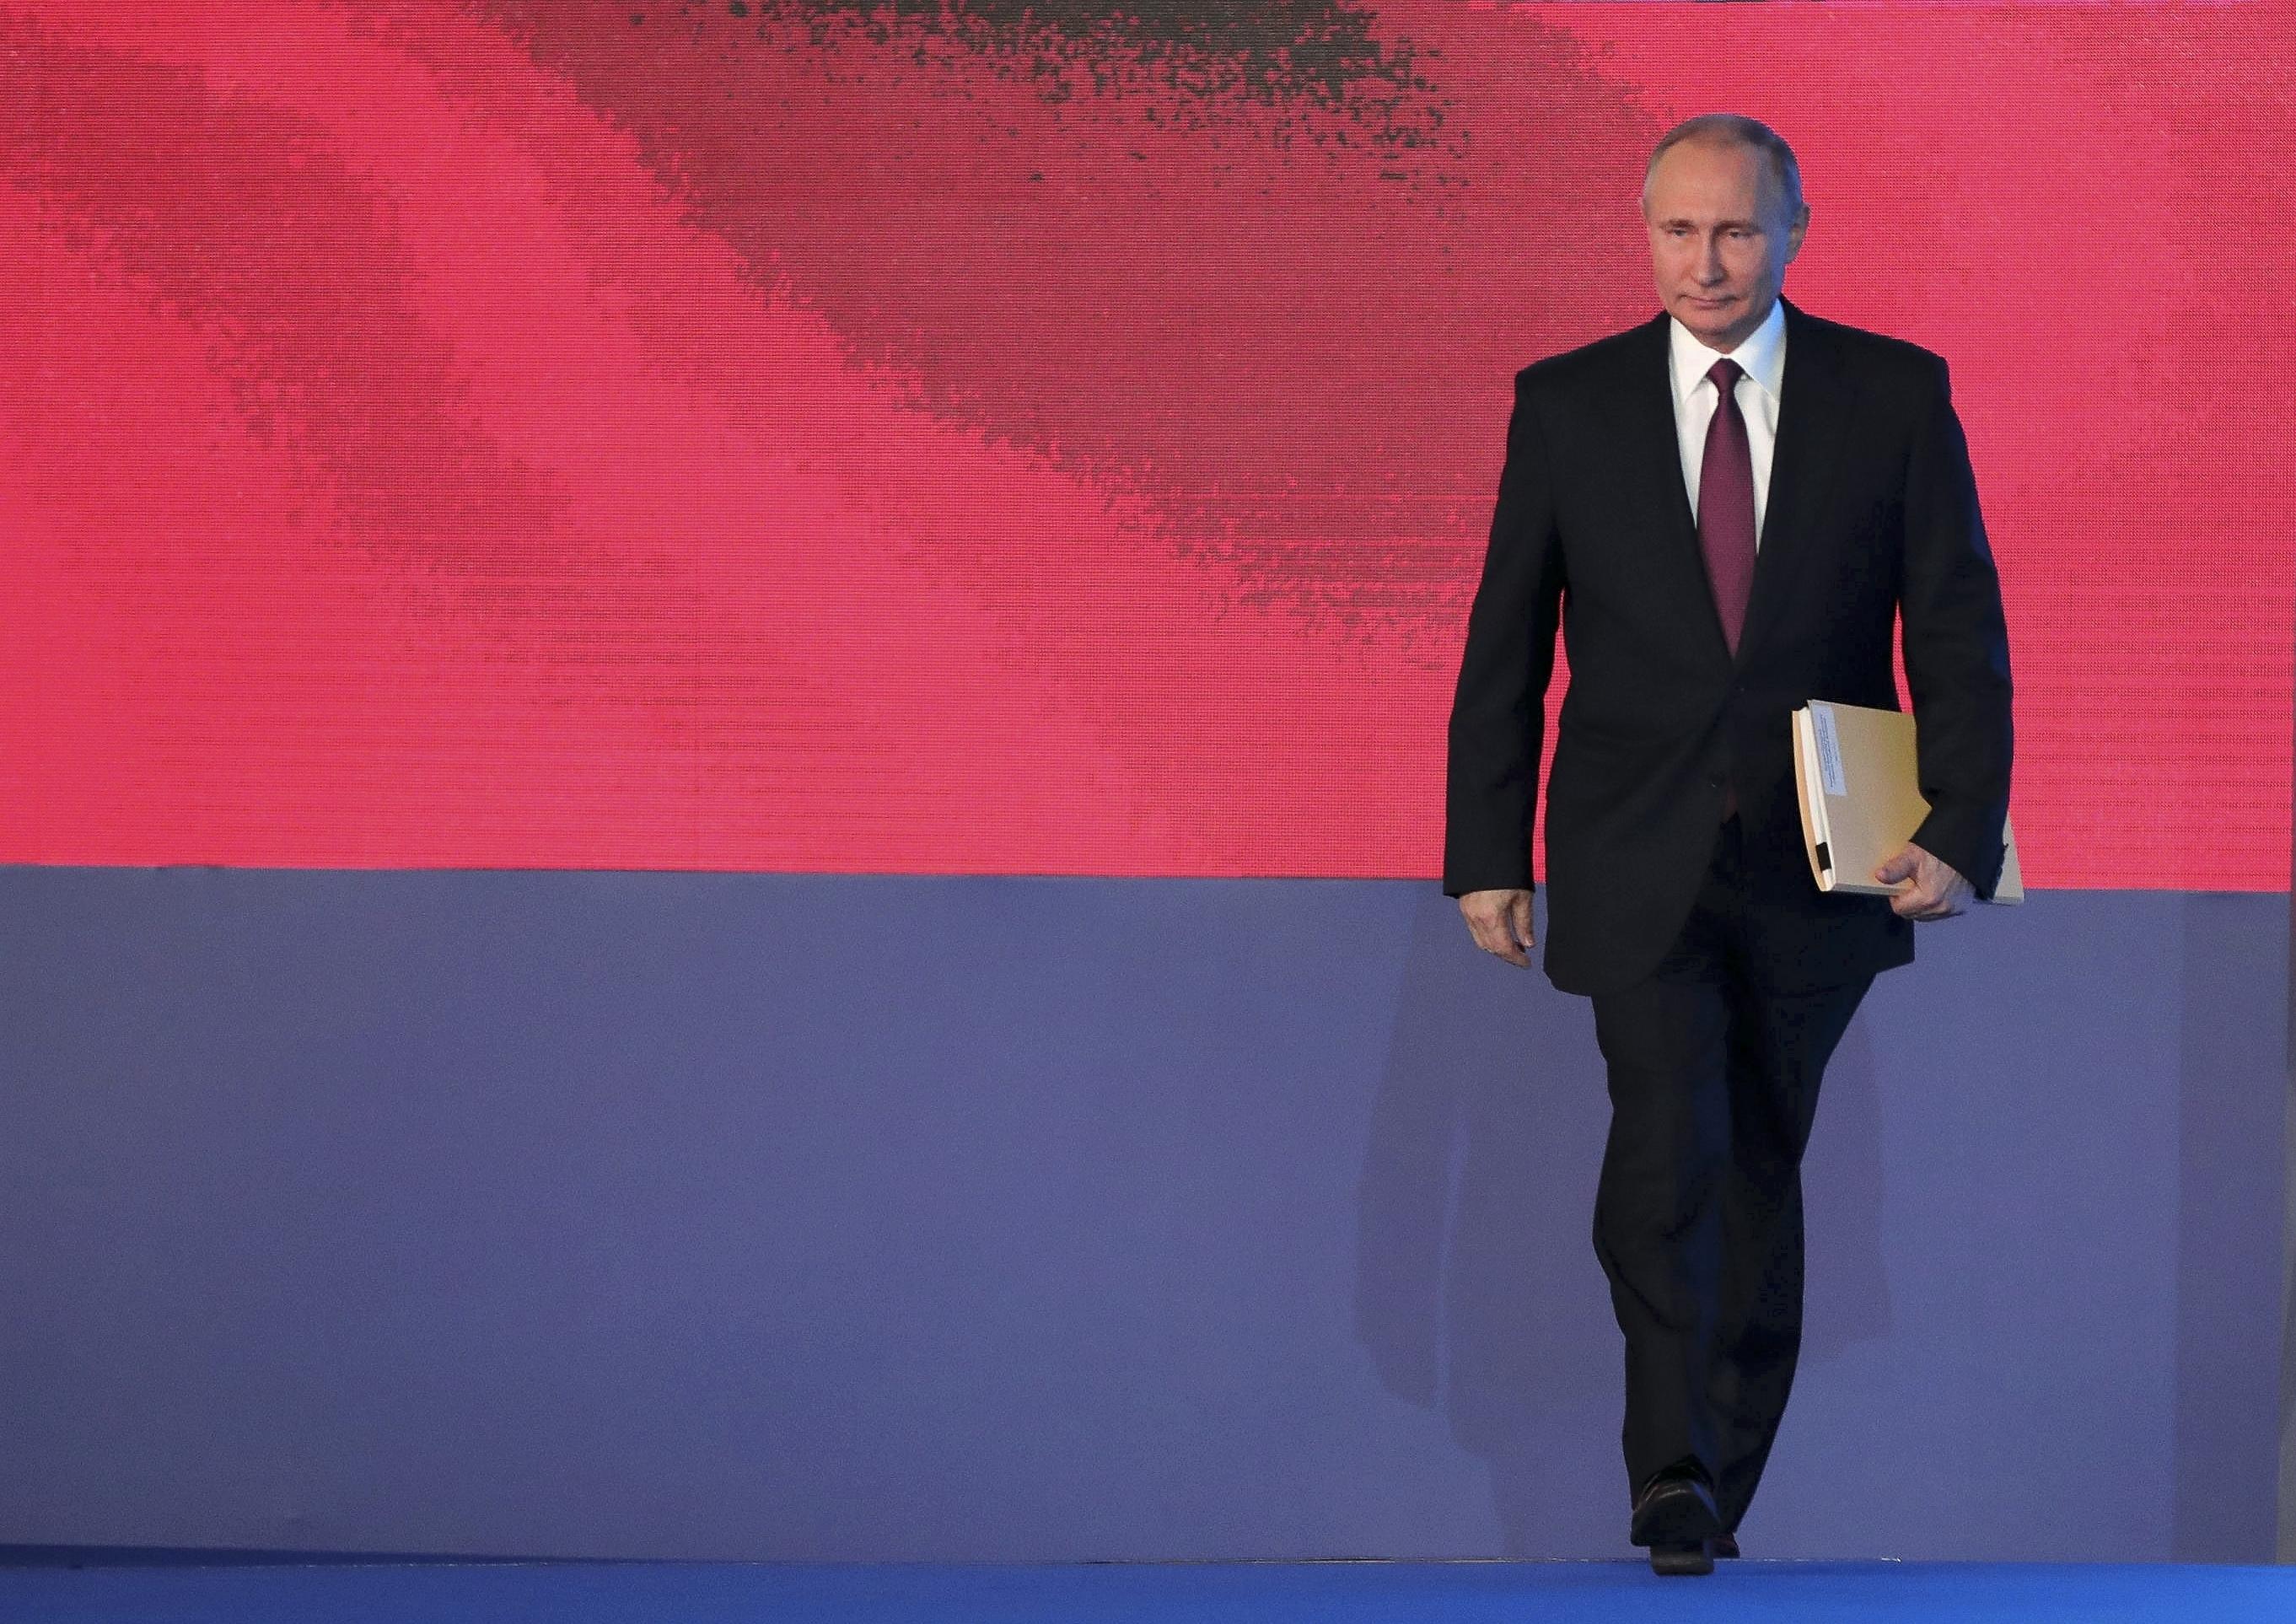 Oroszország három hónap alatt megszabadult majdnem minden amerikai államkötvénytől